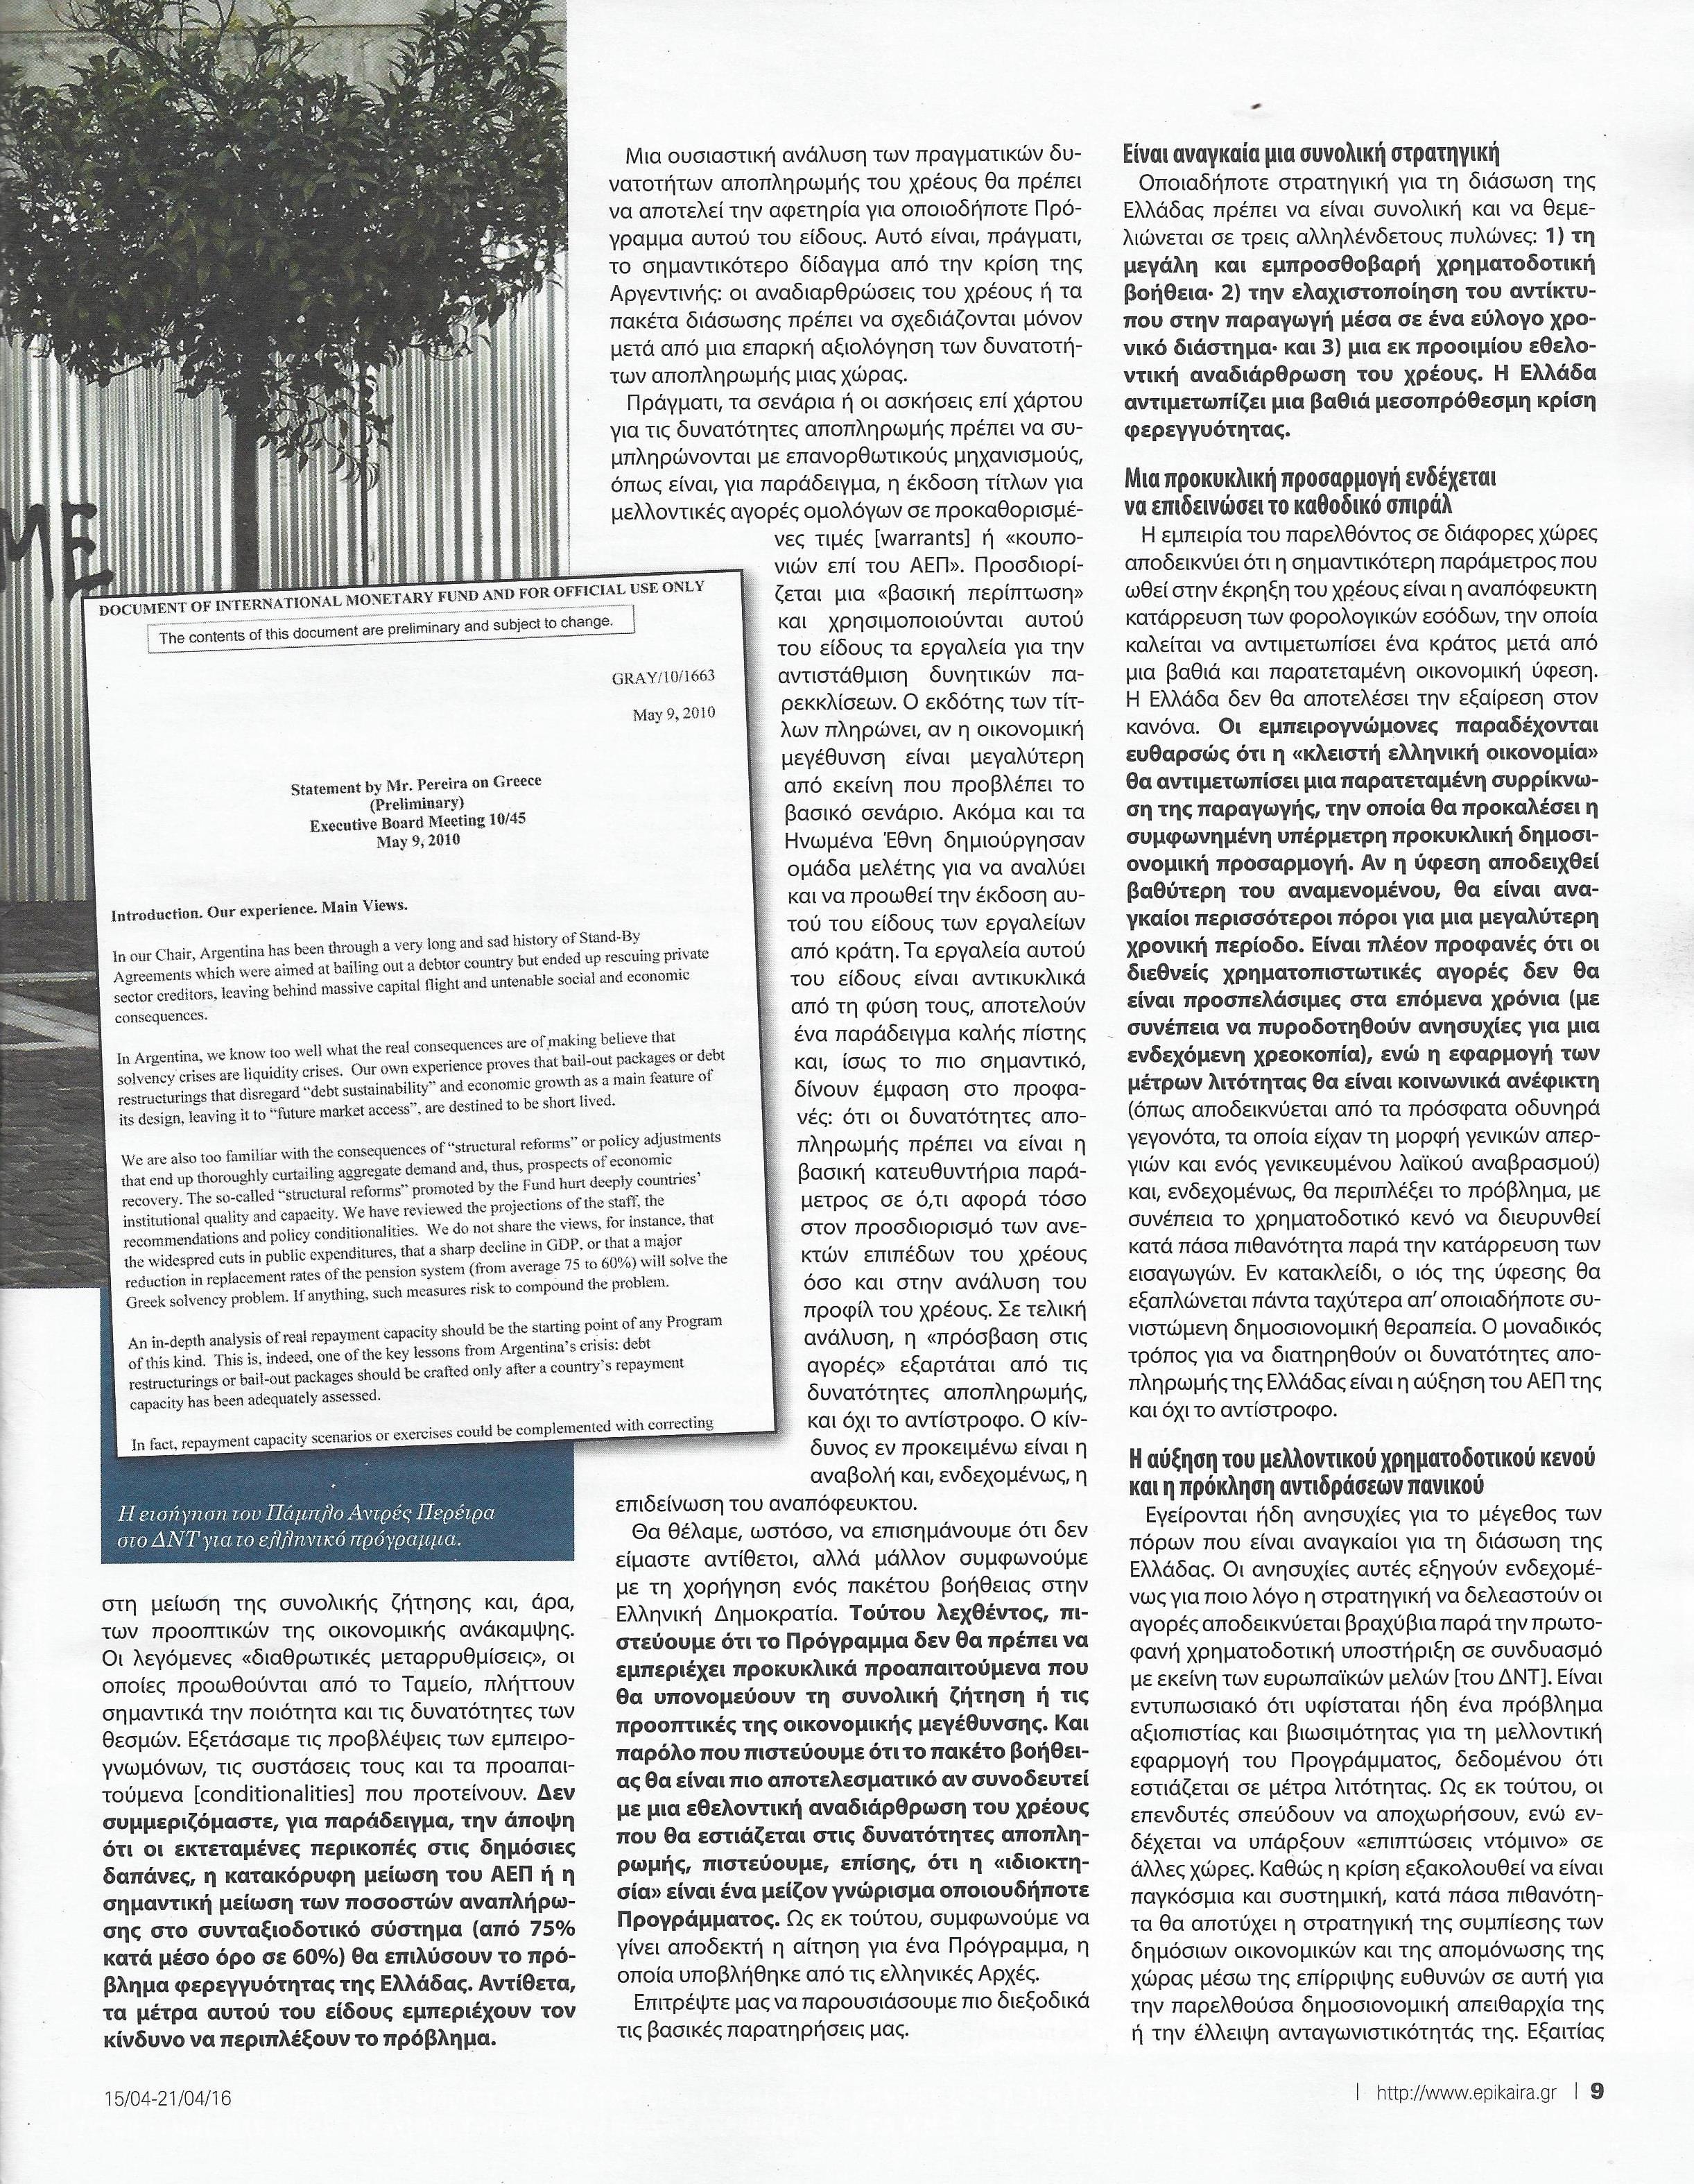 EPIKAIRA 336 -15 04 16 (4)